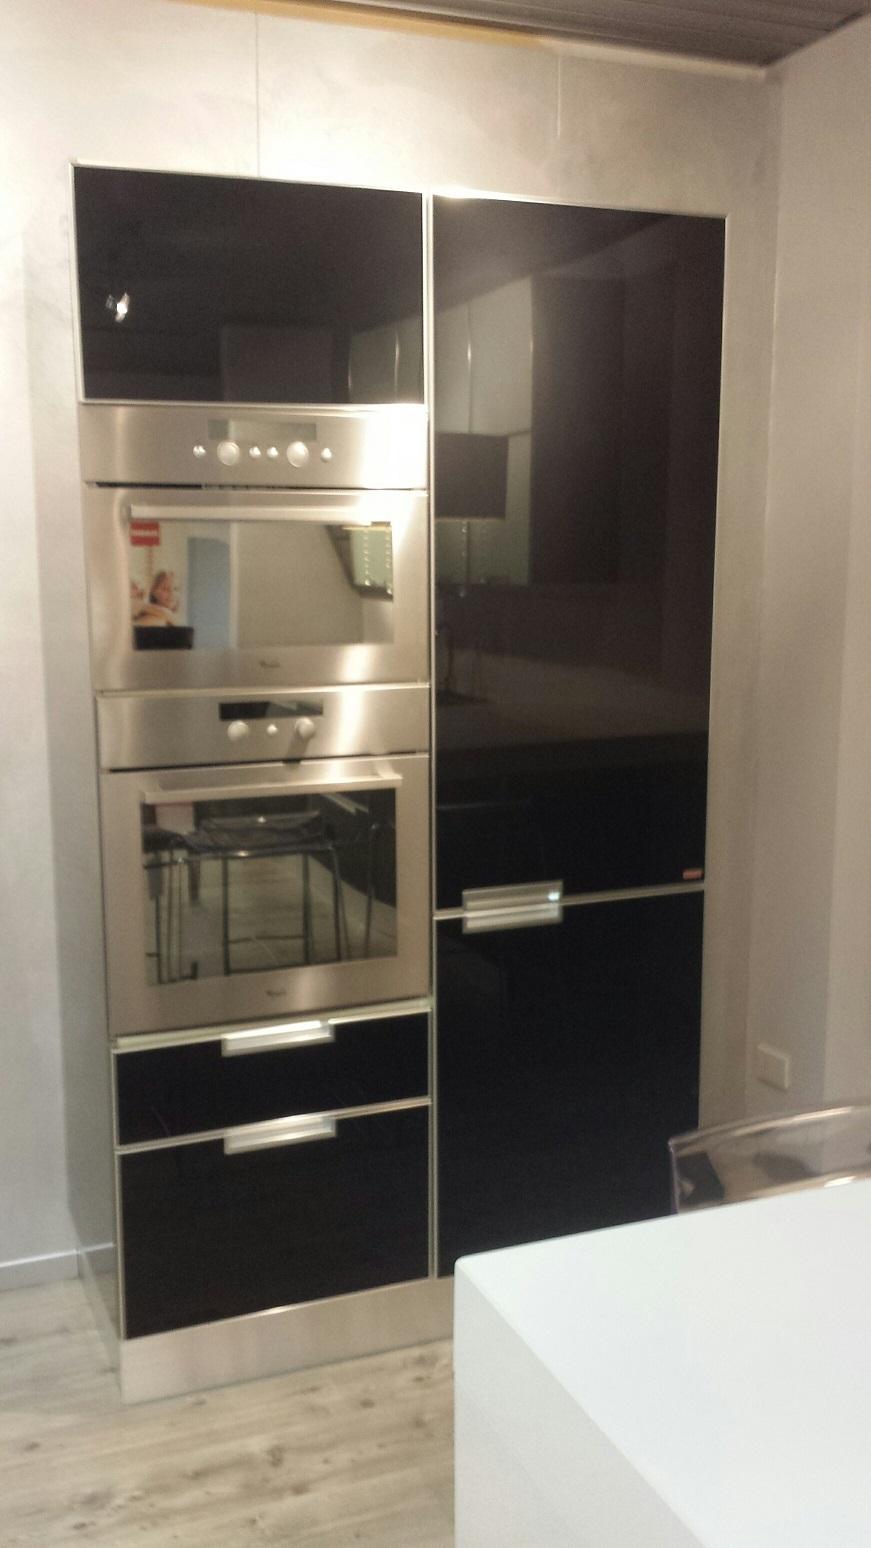 Cucina scavolini cucina crystal in vetro scavolini - Cucina frigo libera installazione ...